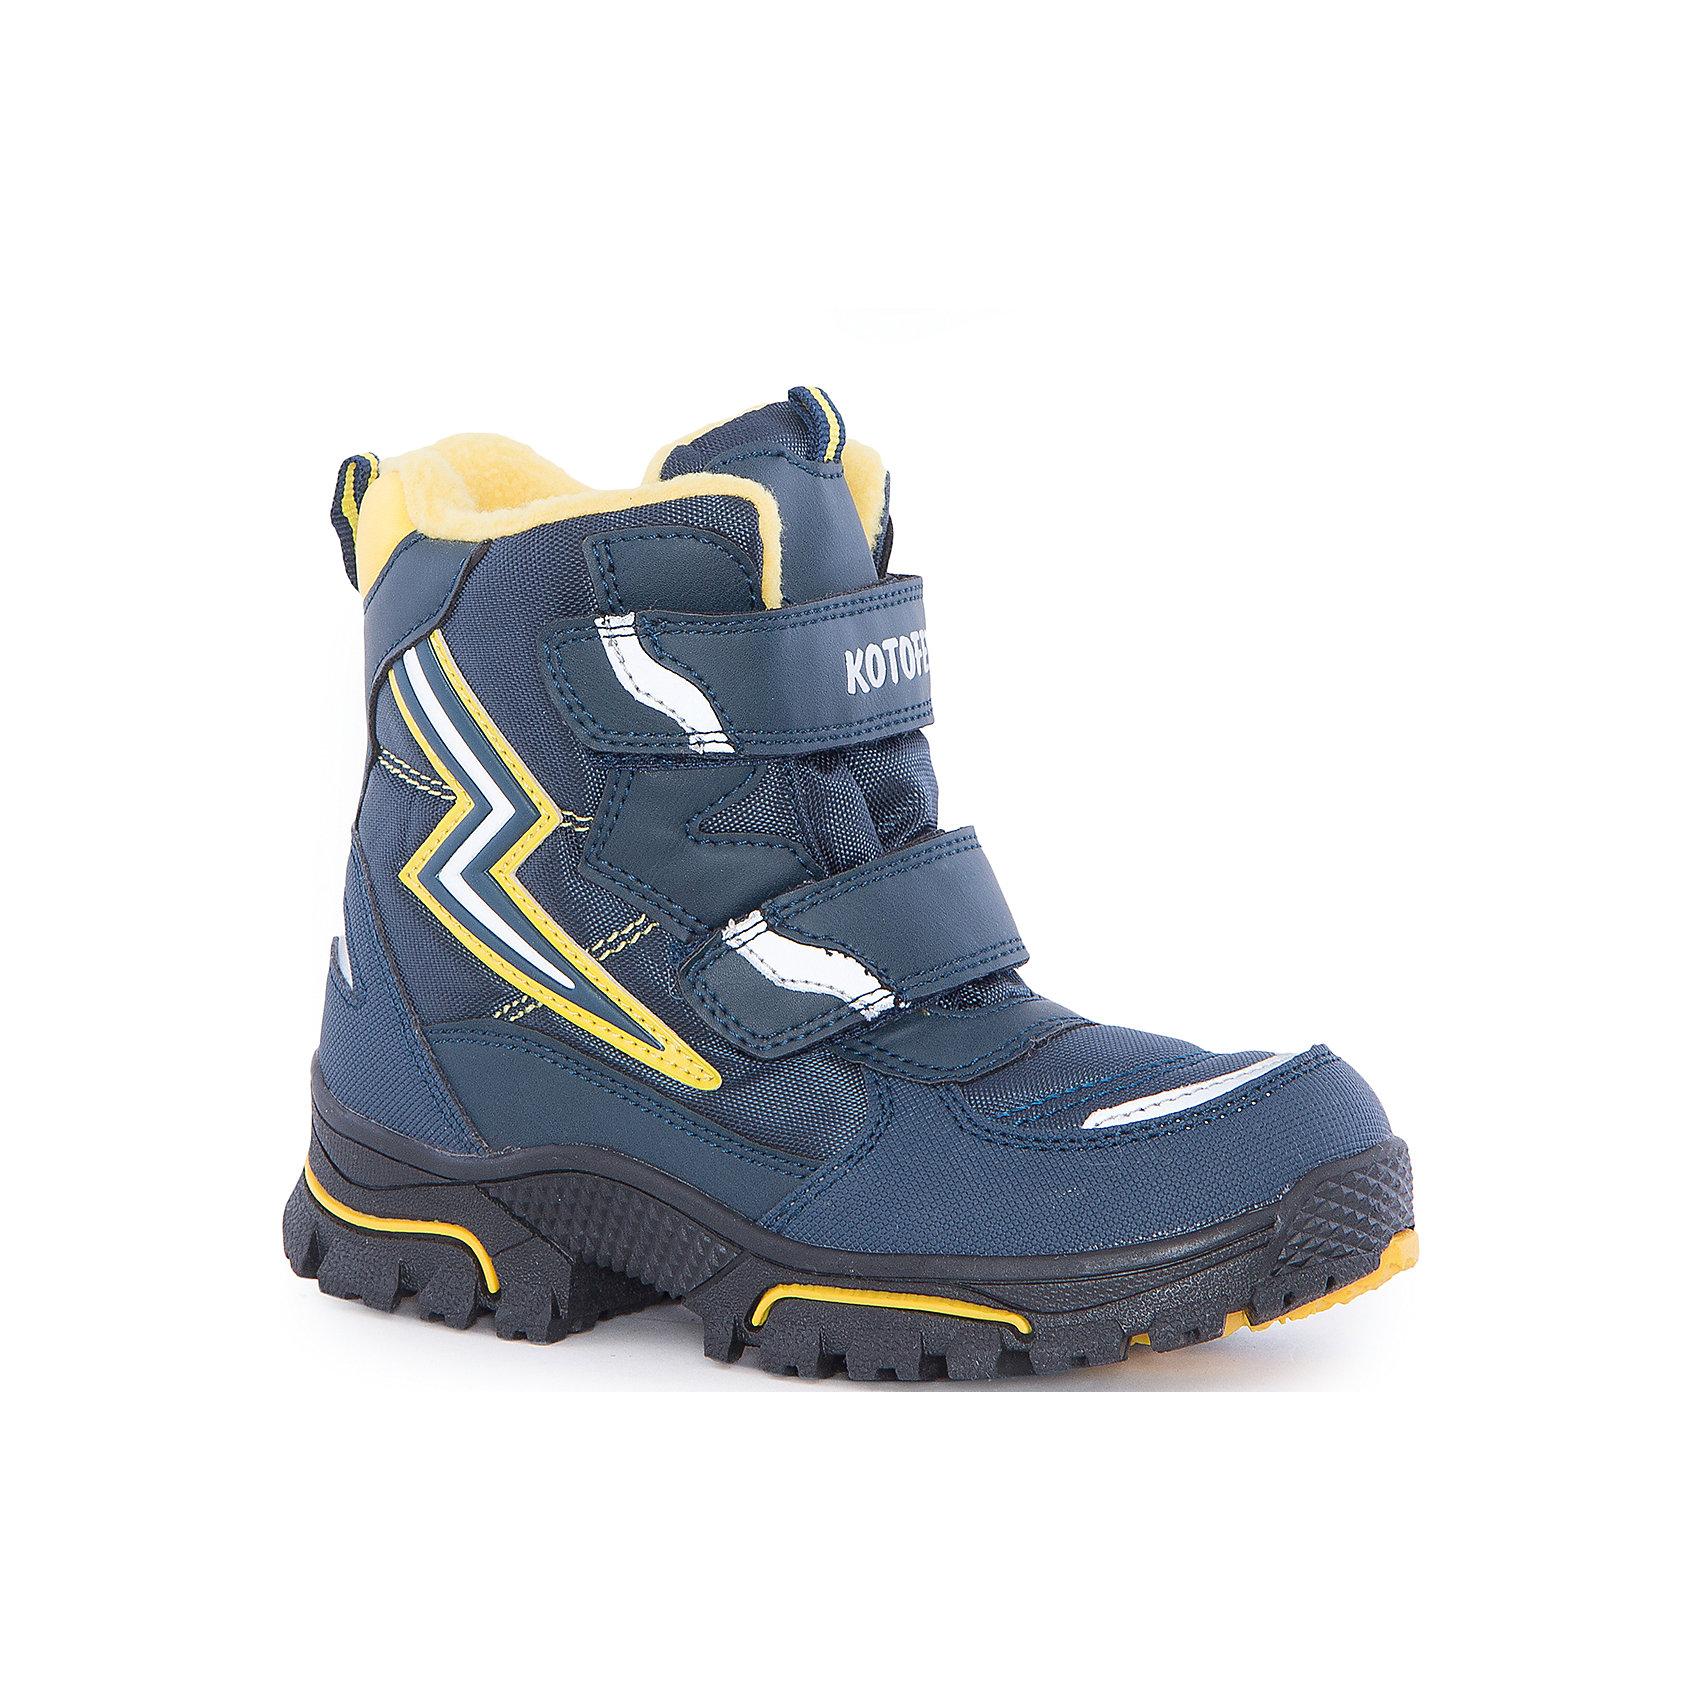 Ботинки  для мальчика КотофейБотинки<br>Ботинки  для мальчика Котофей.<br><br>Характеристики:<br><br>- Внешний материал: искусственная кожа, текстиль<br>- Внутренний материал: мех шерстяной<br>- Стелька: войлок<br>- Подошва: ТЭП<br>- Тип застежки: липучки<br>- Вид крепления обуви: литьевой<br>- Цвет: синий, желтый<br>- Сезон: зима<br>- Температурный режим: до -20 градусов<br>- Пол: для мальчиков<br><br>Ботинки торговой марки Котофей с нашивкой в виде молнии понравится абсолютно всем мальчикам! Они особенно хороши для активных прогулок. Верх выполнен из влагоотталкивающего текстиля и кожи. Подкладка - из натуральной шерсти, имеется дополнительная стелька из войлока, поэтому ножке в такой обуви тепло и уютно. Между материалами верха и подклада вшит специальный мембранный материал, отталкивающий влагу, но позволяющий ногам дышать. Гибкая, широкая, литьевая подошва с рельефным протектором обеспечит превосходное сцепление с поверхностью, не скользит. Она выполнена из термоэластопласта (ТЭП) – пластичного материала, отлично амортизирующего при шаге и не теряющего своих свойств при понижении температур. Два ремня с липучкой позволяют не только быстро обувать и снимать ботинки, но и обеспечивают плотное прилегание обуви к стопе. Детская обувь «Котофей» качественна, красива, добротна, комфортна и долговечна. Она производится на Егорьевской обувной фабрике. Жесткий контроль производства и постоянное совершенствование технологий при многолетнем опыте позволяют считать компанию одним из лидеров среди отечественных производителей детской обуви.<br><br>Ботинки  для мальчика Котофей можно купить в нашем интернет-магазине.<br><br>Ширина мм: 262<br>Глубина мм: 176<br>Высота мм: 97<br>Вес г: 427<br>Цвет: разноцветный<br>Возраст от месяцев: 72<br>Возраст до месяцев: 84<br>Пол: Мужской<br>Возраст: Детский<br>Размер: 30,26,27,28,29<br>SKU: 5086812